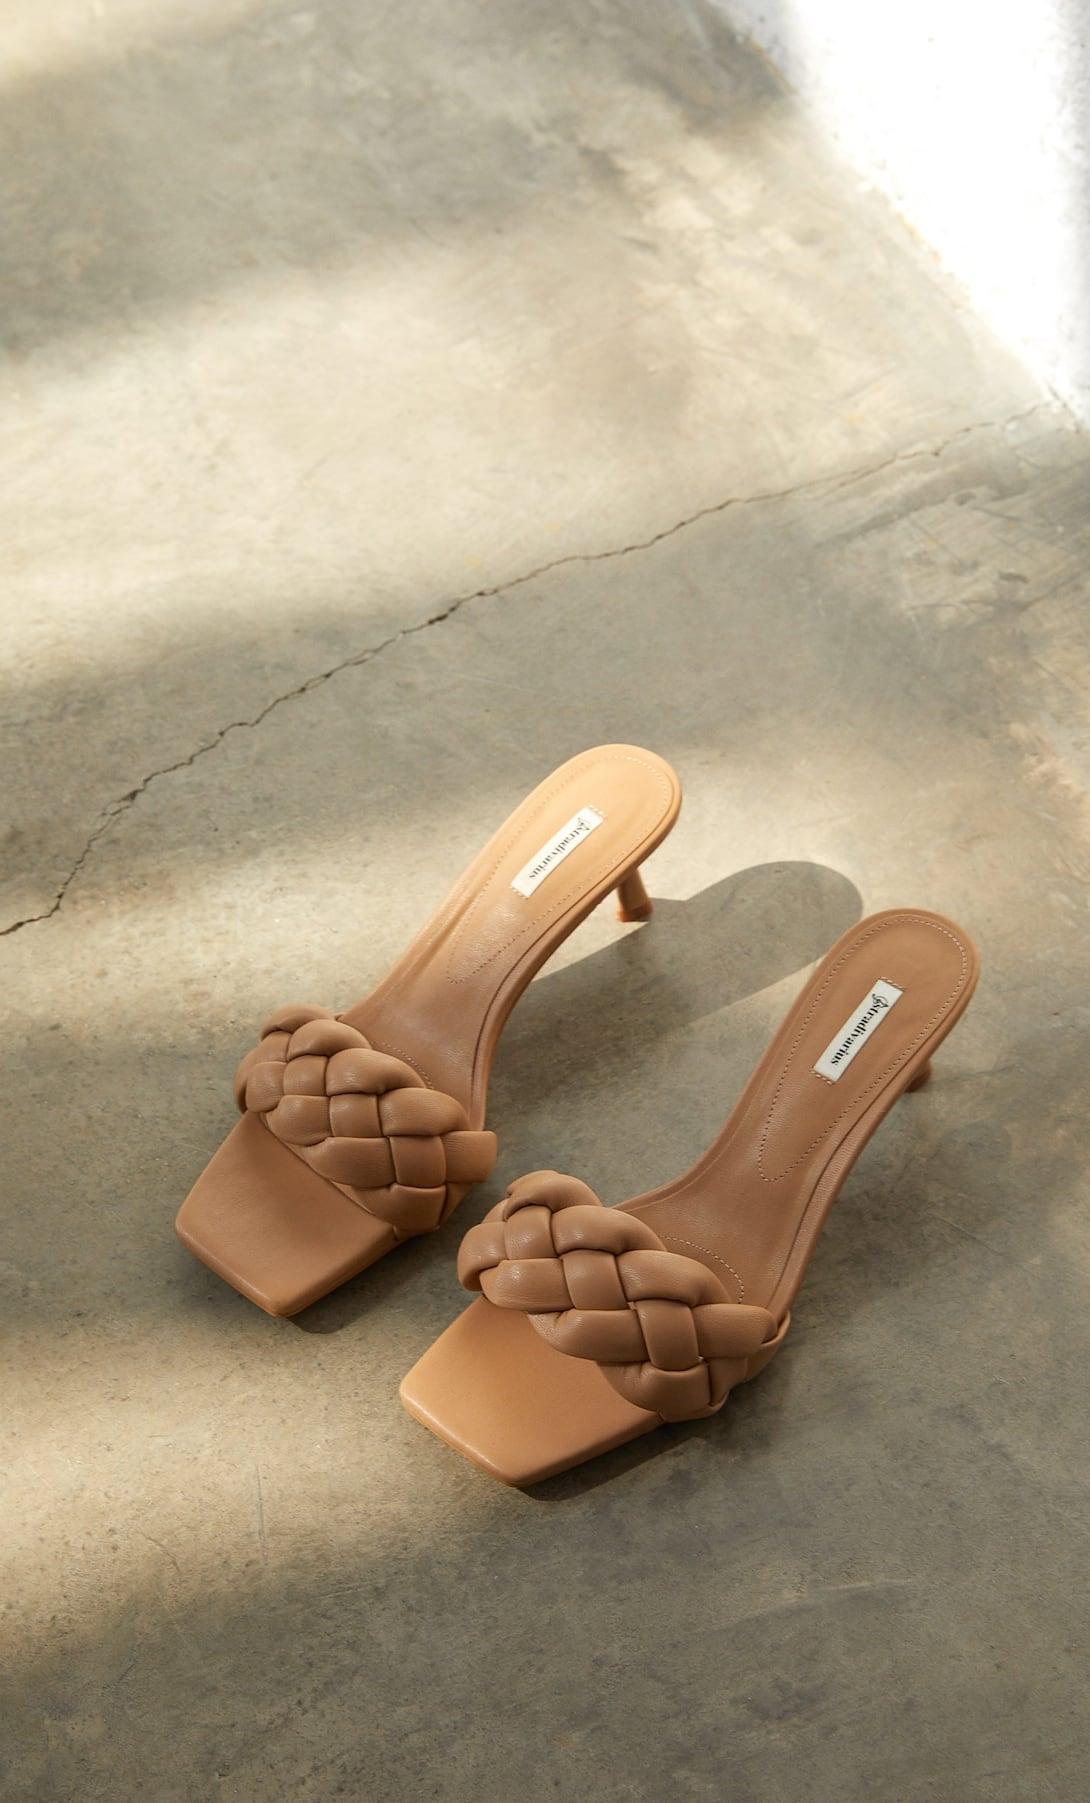 Giày mules mũi vuông quai đan màu be Stradivarius